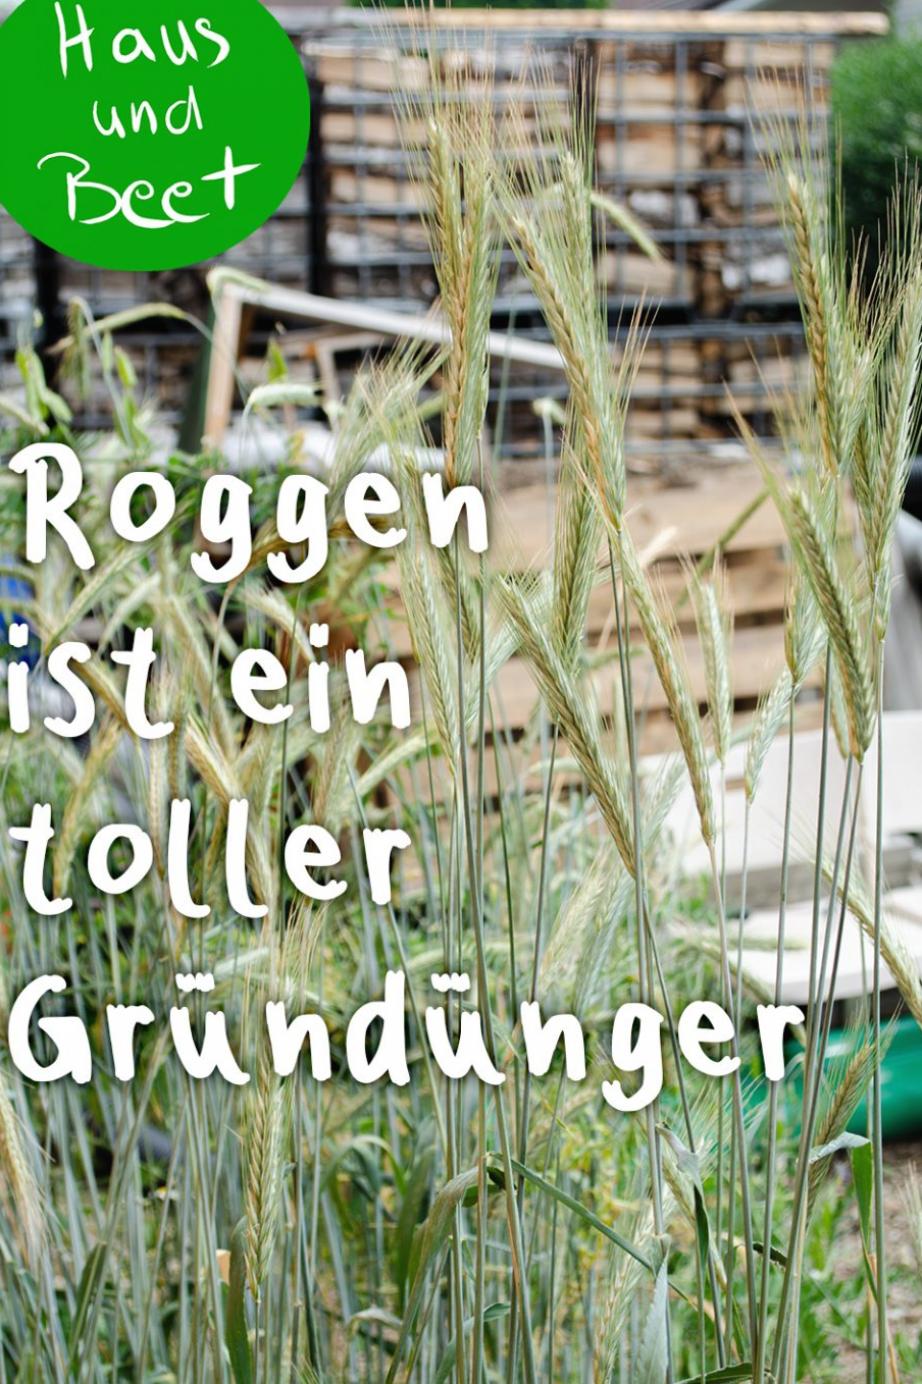 Gr Nd Nger Gr Nd Ngerpflanzen Biologische D Ngung Zwischenfrucht Gelber Senf Sonnenblumen Bu Tomato Fertilizer Natural Fertilizer Organic Fertilizer